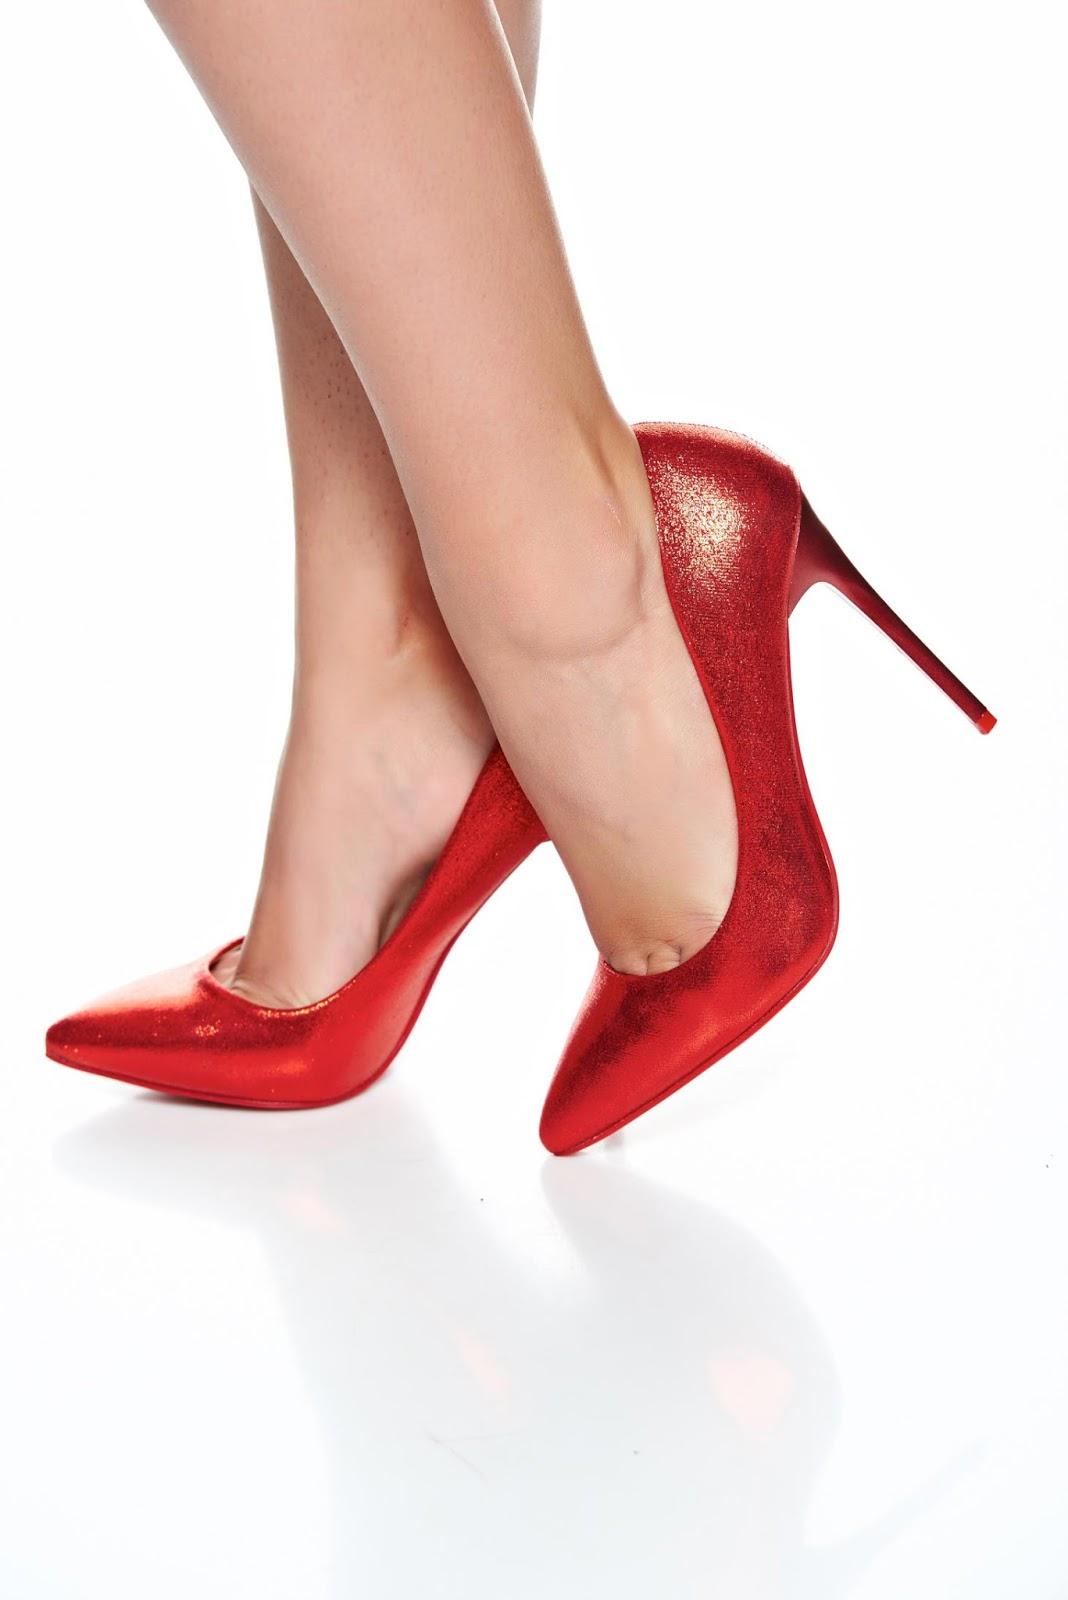 Pago Zapatos Para Línea Venta Mejor De La En Mujer Rojos Tres q7agwWqvS 8e24b9668924